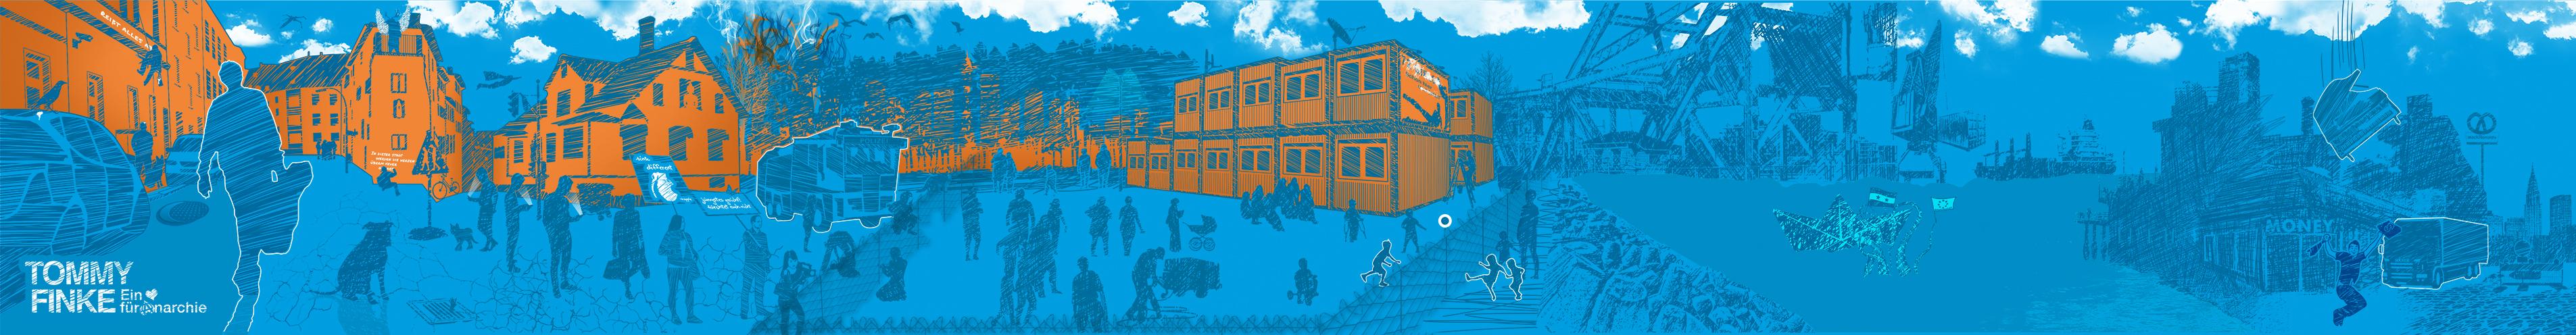 Tommy Finke, CD-Booklet Artwork, Art Work, Booklet, CD Cover, Album Artwork, Design, Illustration, Grafik, Layout, Gestaltung, Musik, Künstler, Bochum, Plakate, Illustration, Grafik & Layout - CD Cover & Booklet,Poster